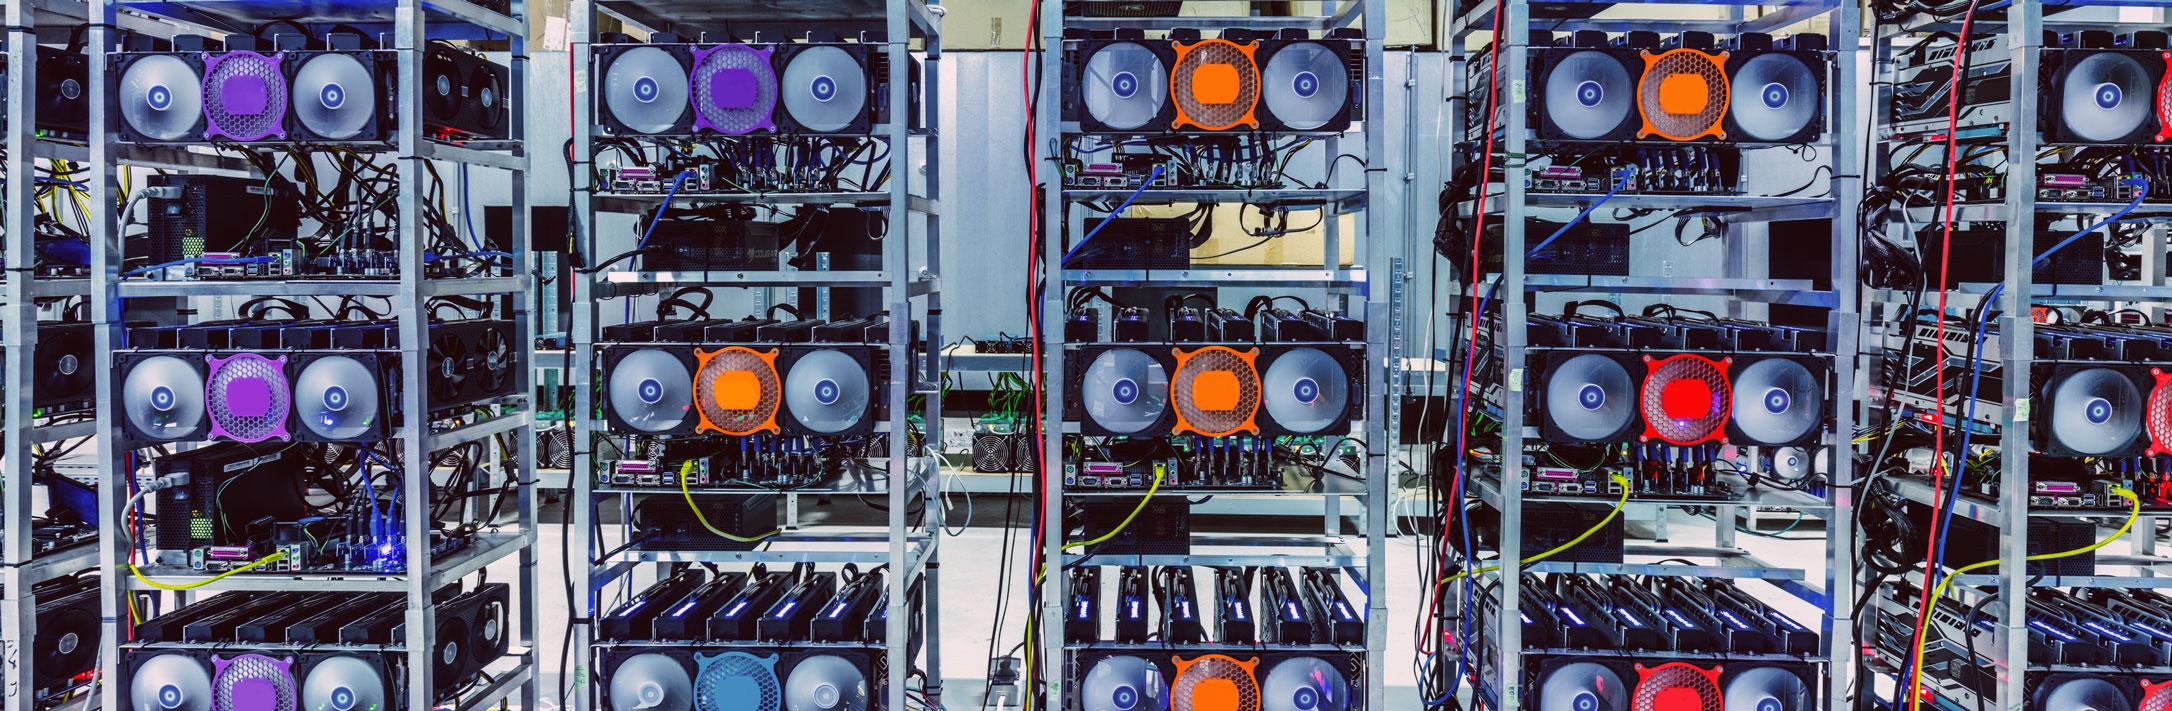 Granja bitcoin vault